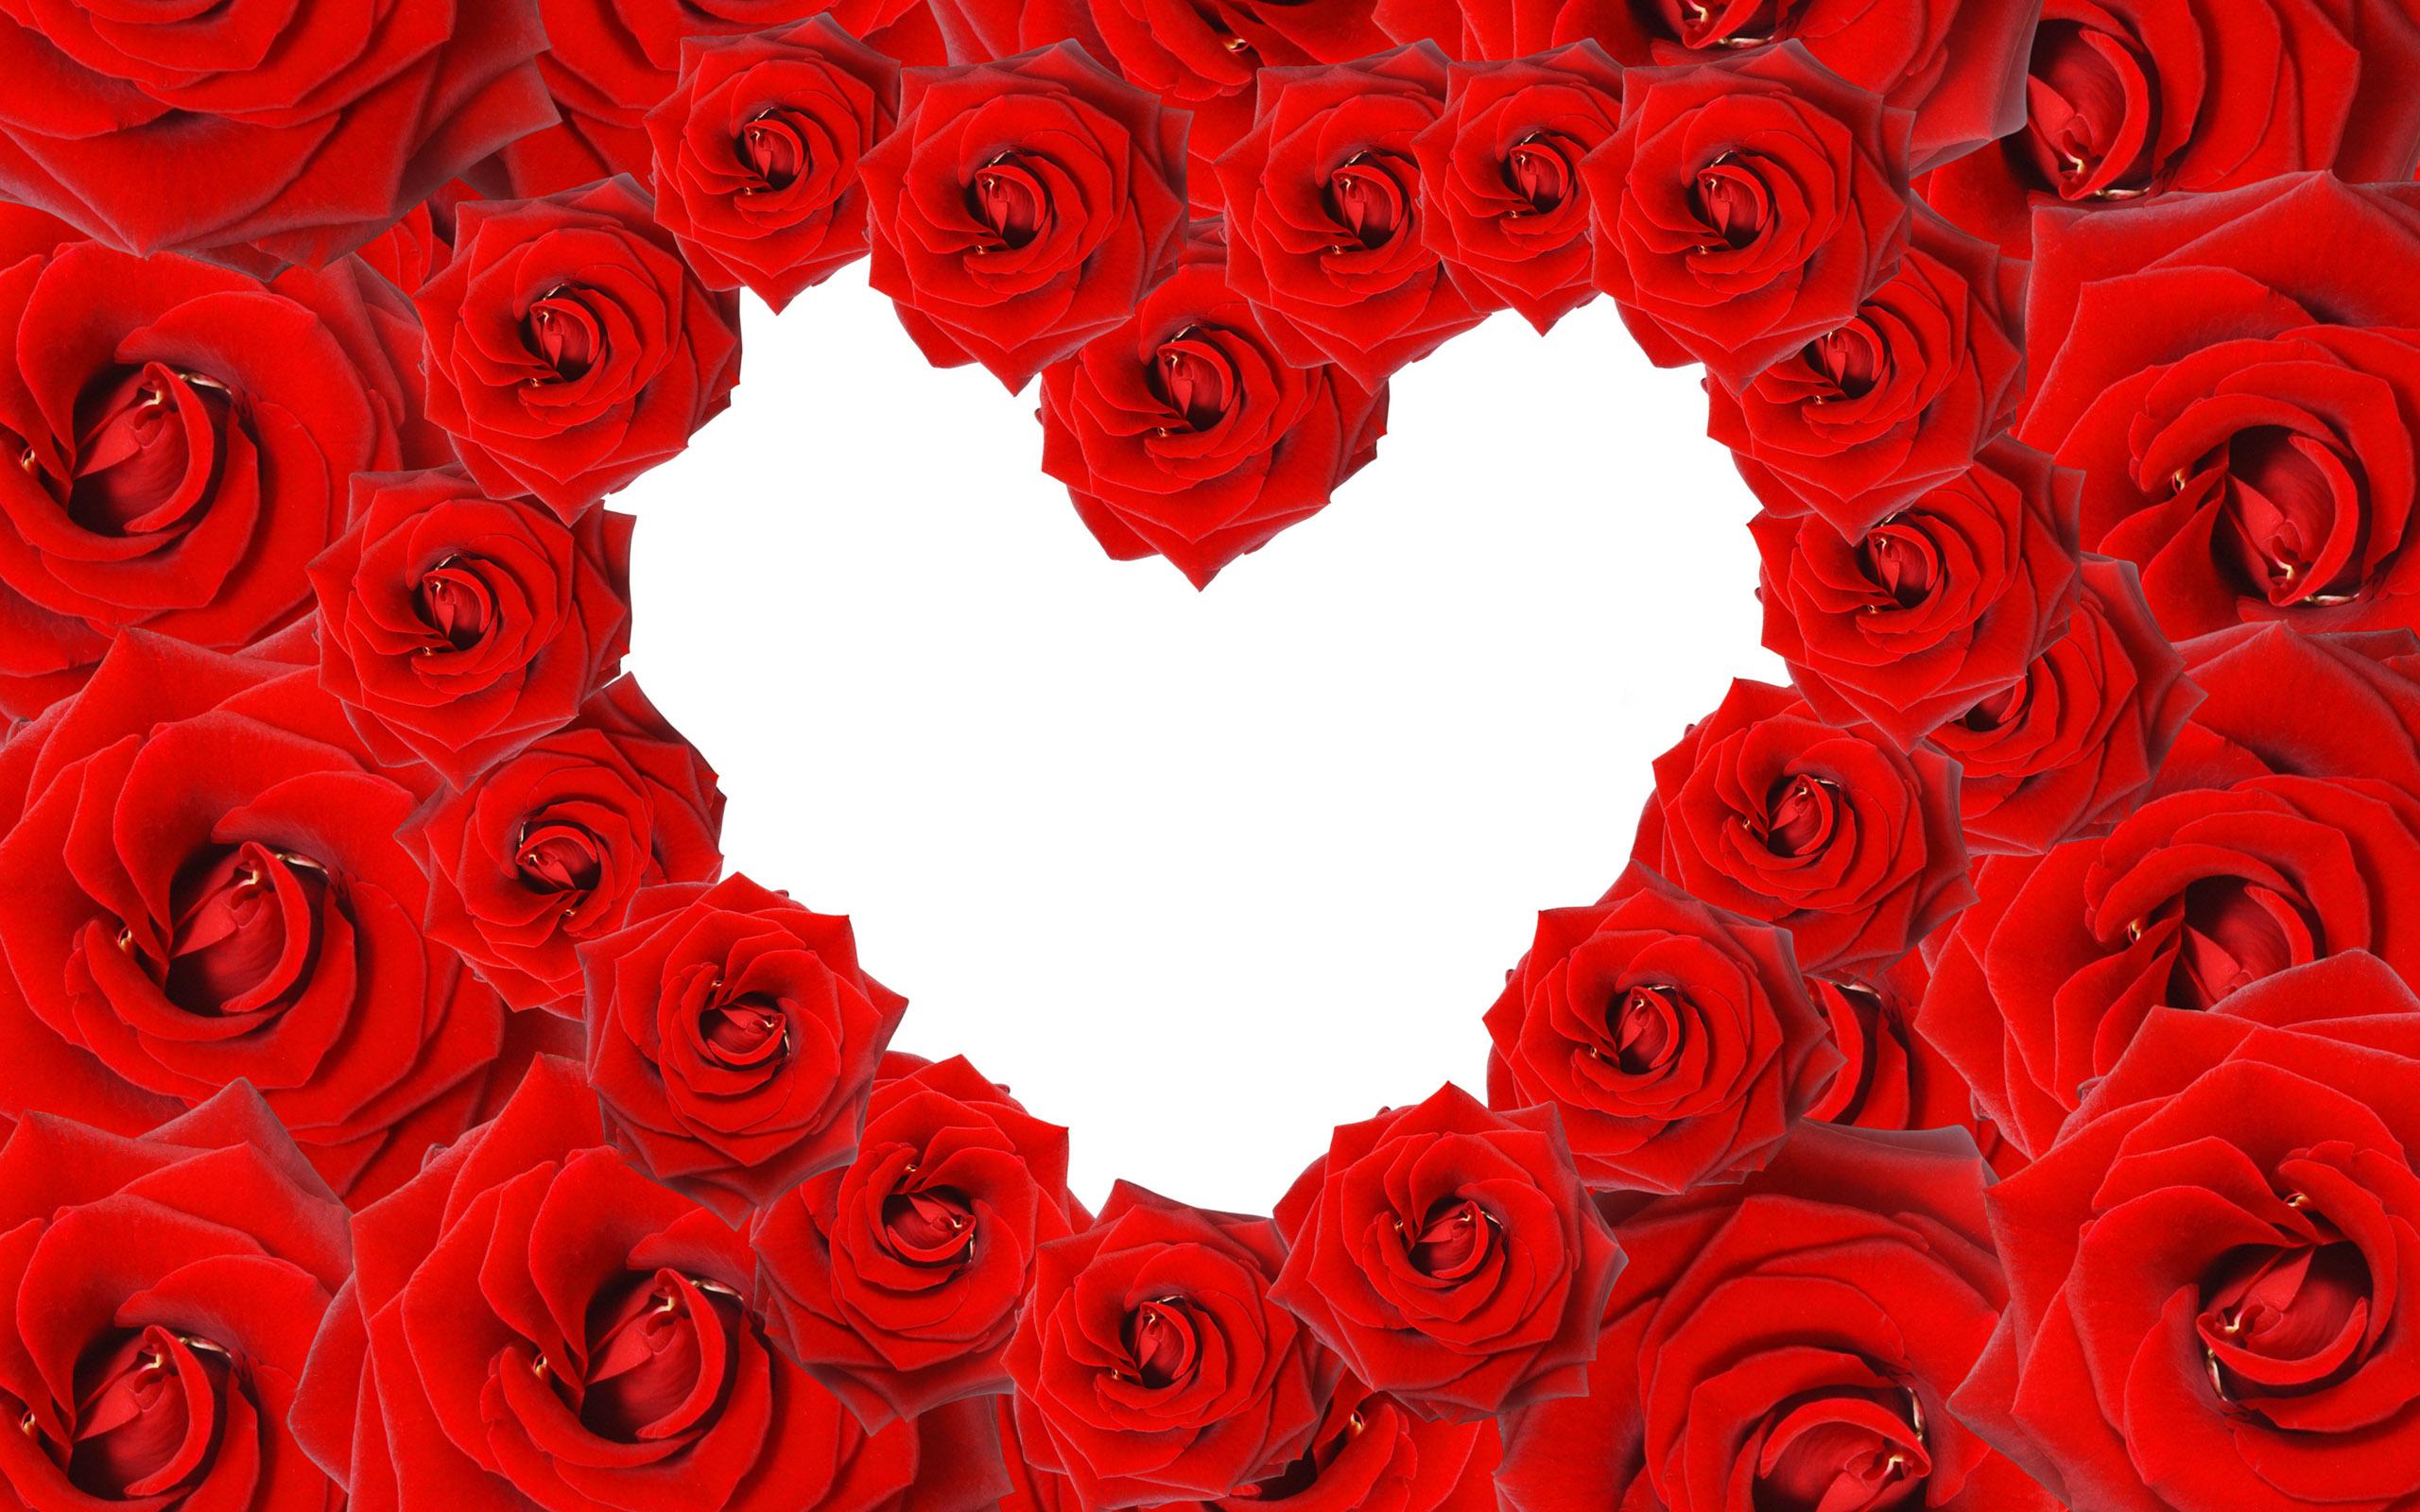 قلوب رومانسية (2)